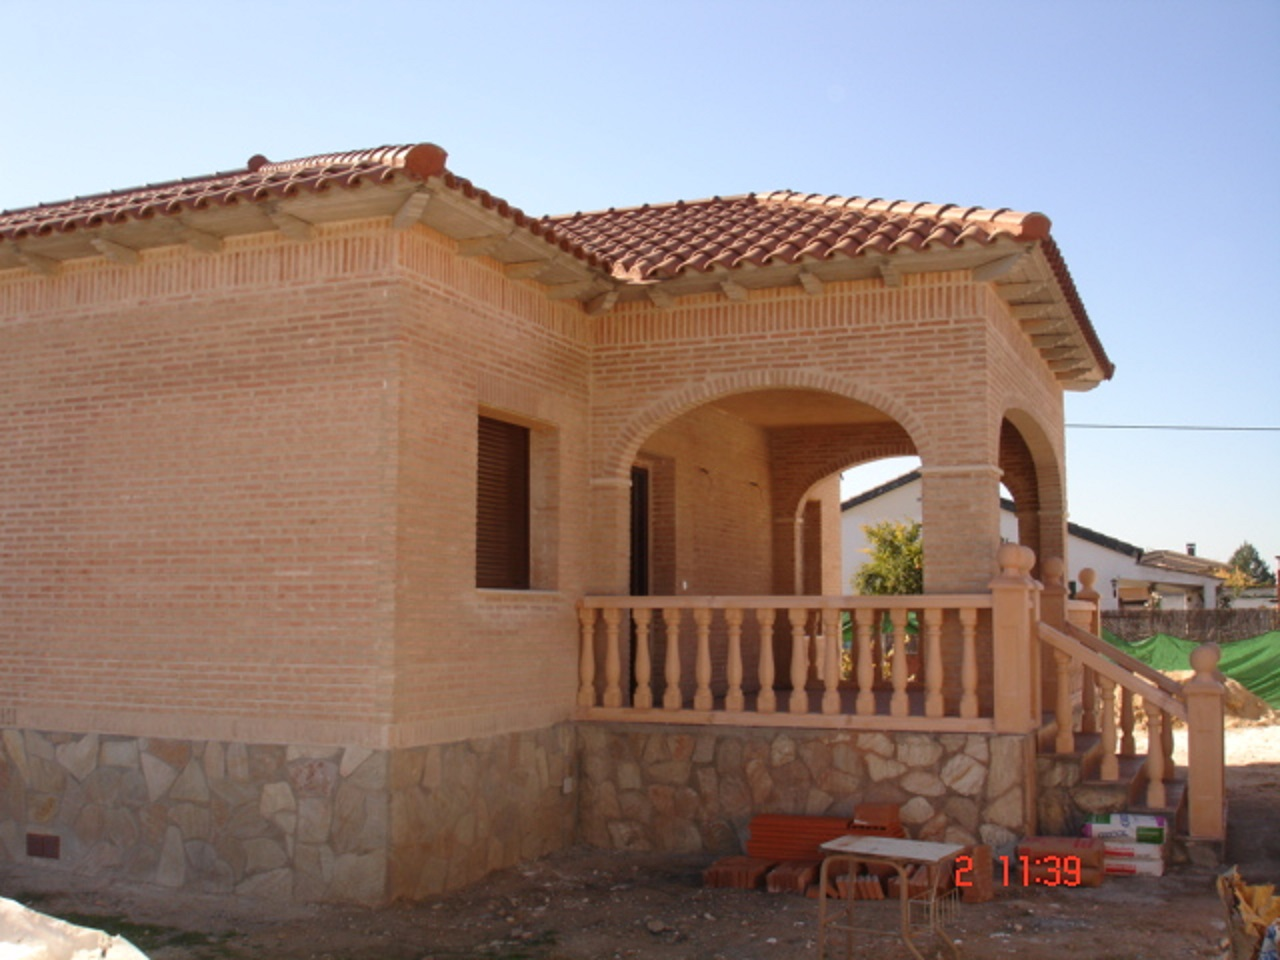 Affordable Gallery Of Chalet Escalona With Fachadas De Piedra Y Ladrillo  Rustico With Fachadas De Piedra Y Ladrillo.